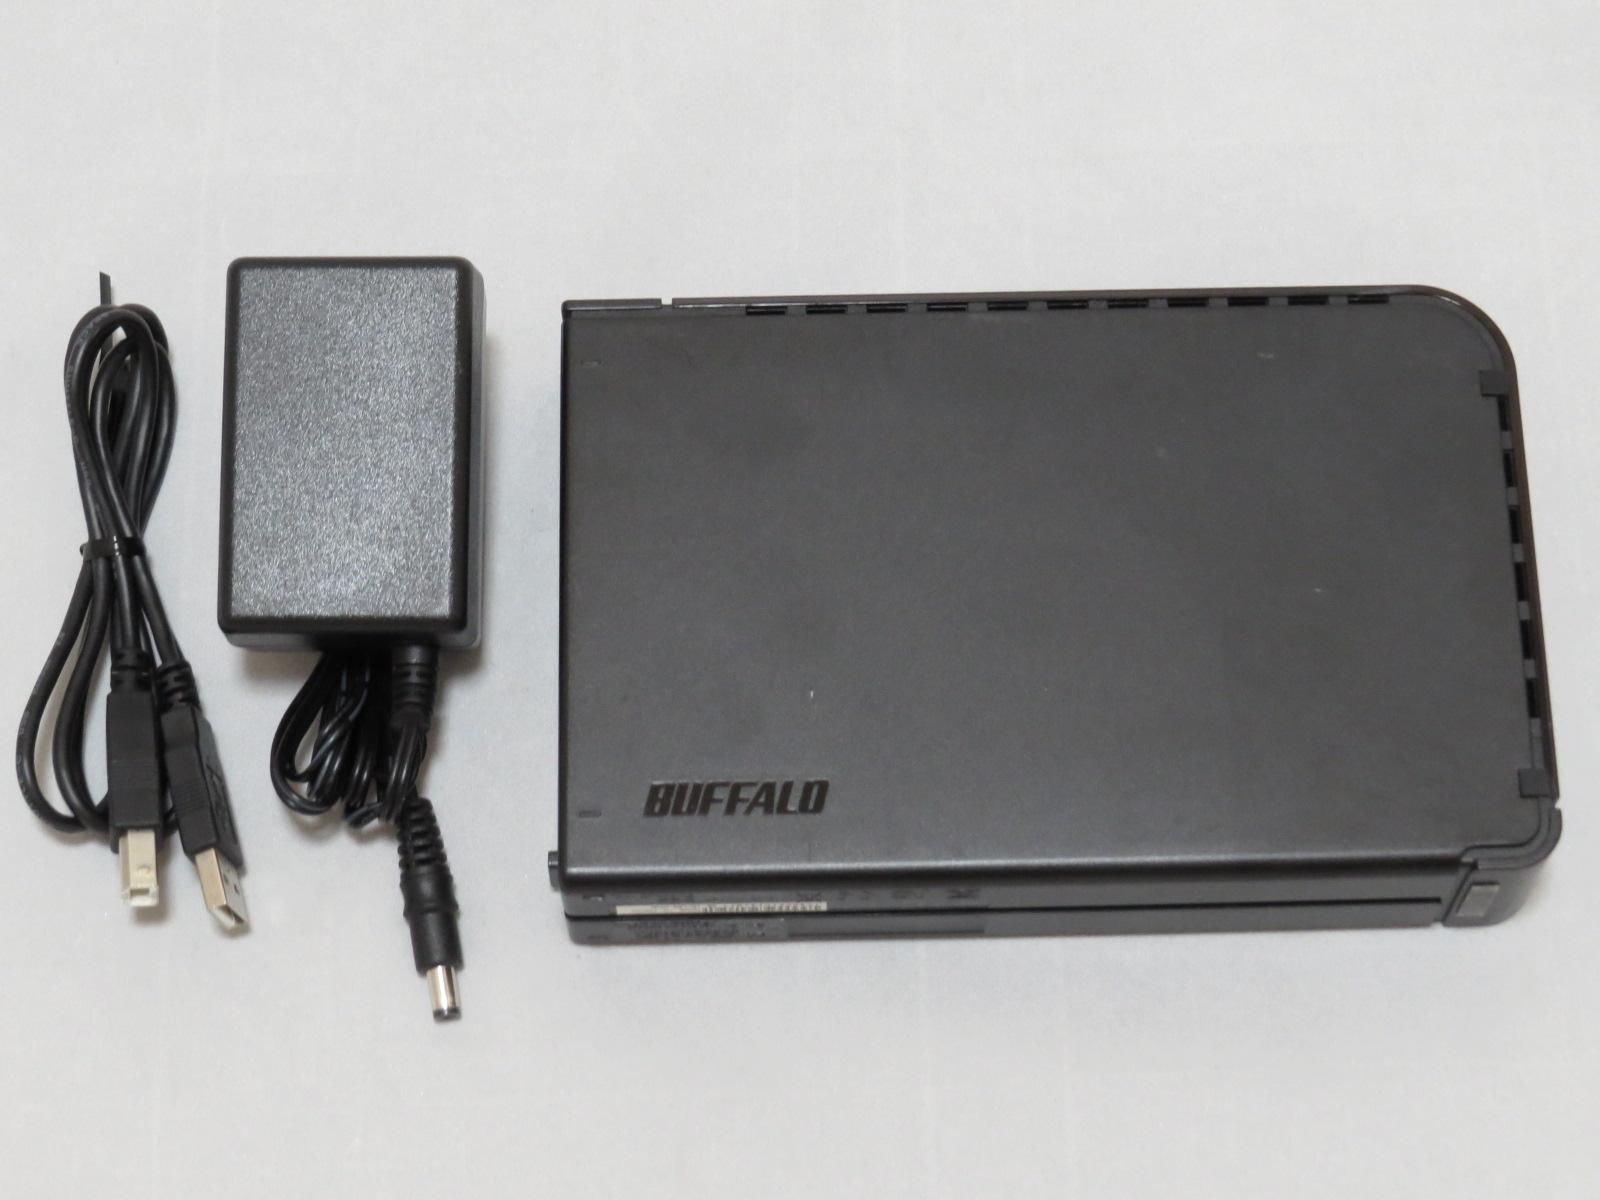 中古の外付け2TBHDD(BUFFALO_HD-LB2.0TU2)を買ってみた。